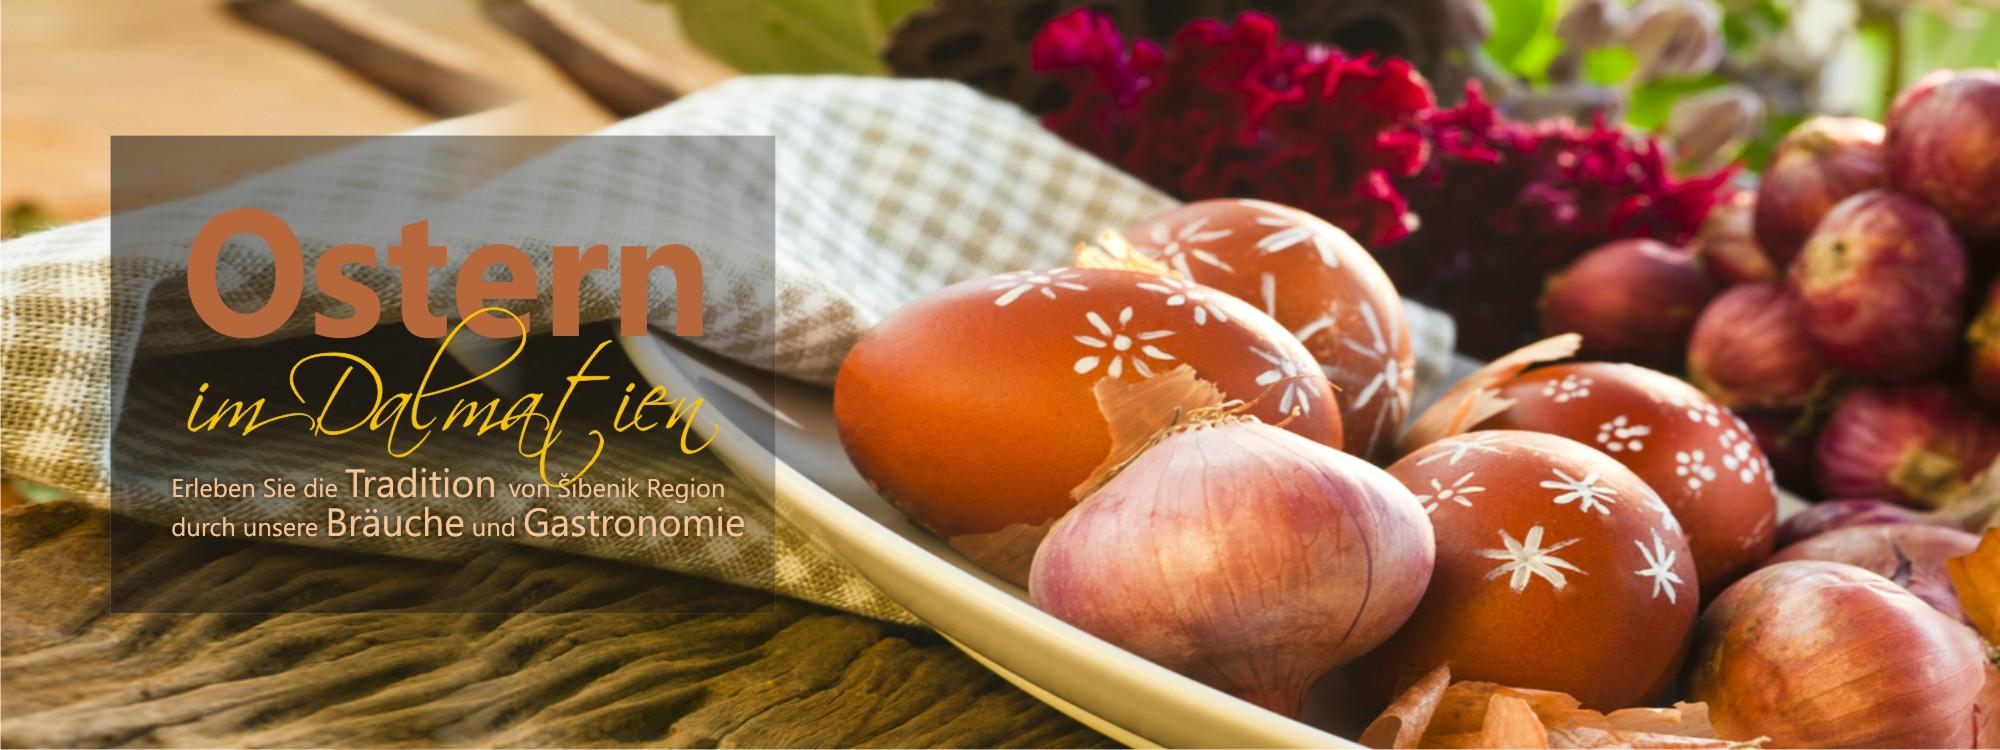 ostern_in_dalmatien_Kroatien_urlaub_tradition_gastronomie1